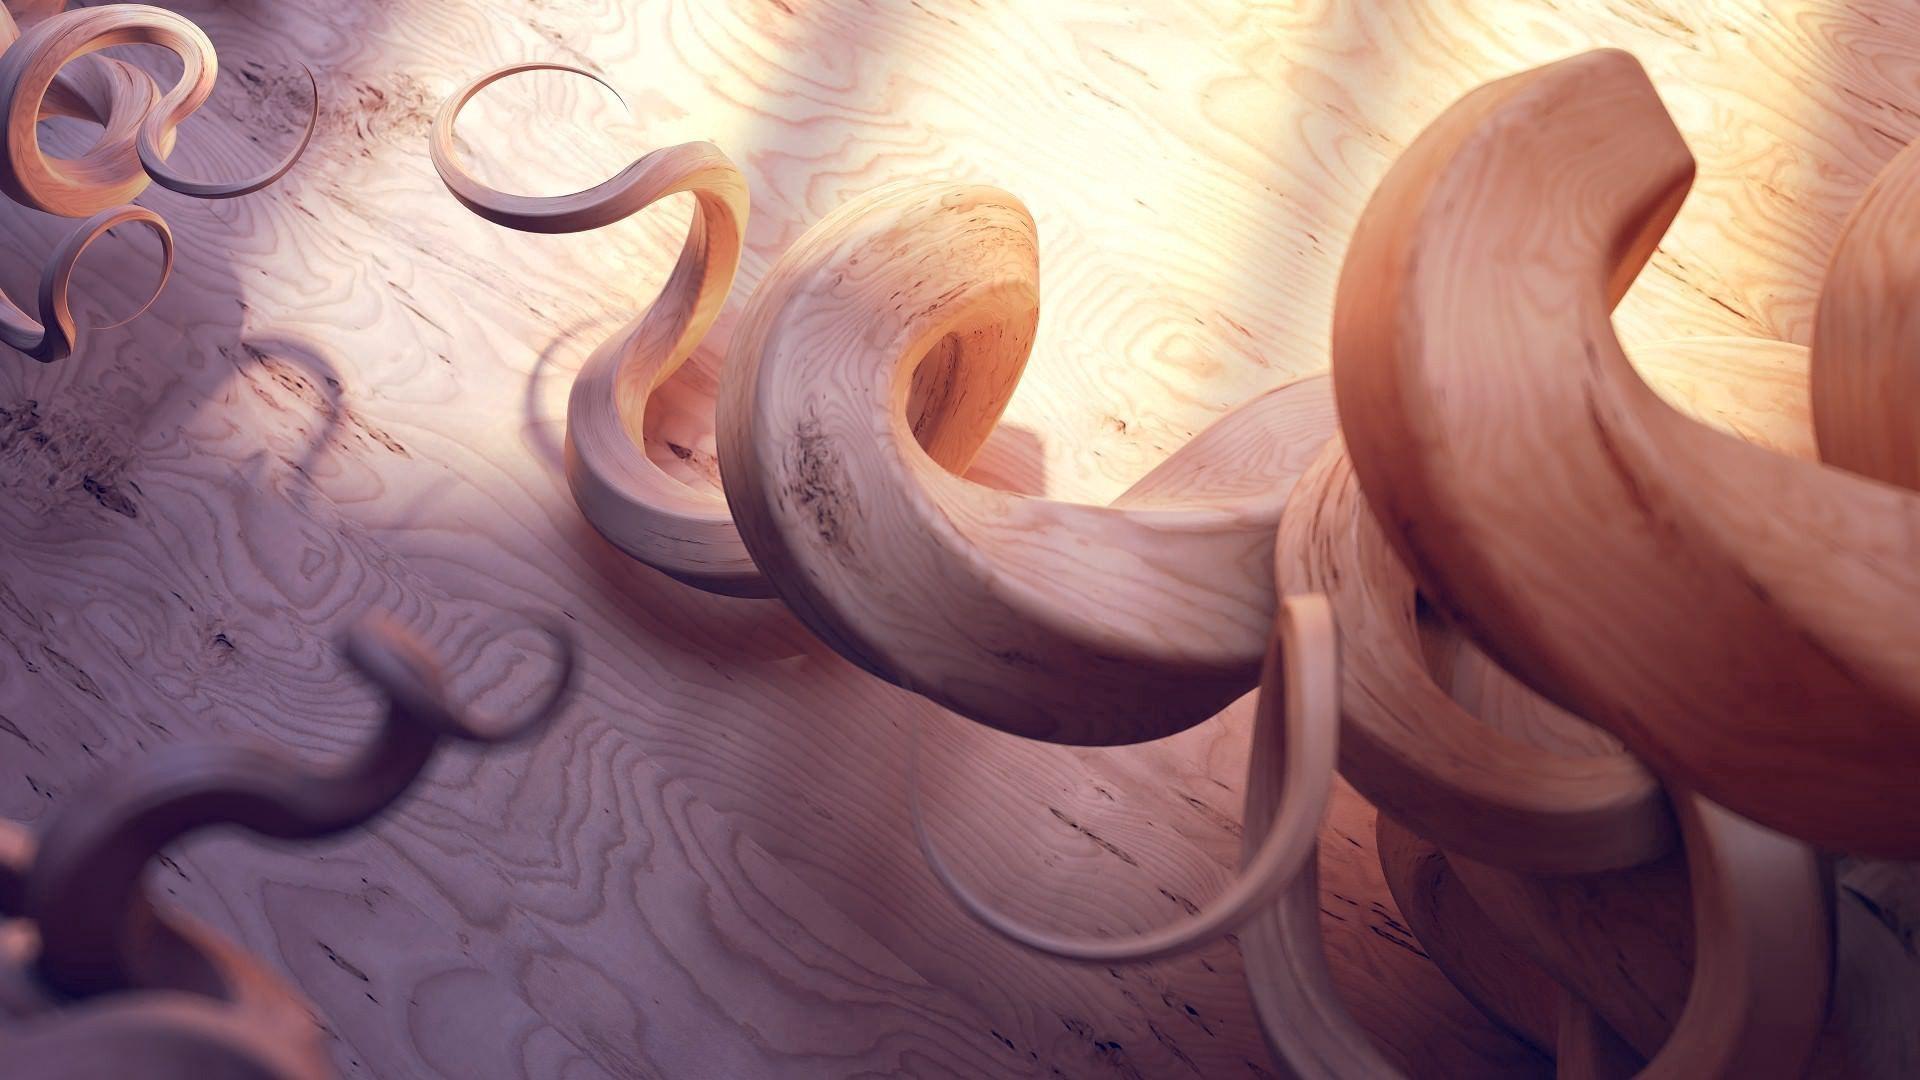 89064 Hintergrundbild herunterladen Holz, Baum, 3D, Schatten, Chip, Spirale, Spiralen, Rasuren - Bildschirmschoner und Bilder kostenlos